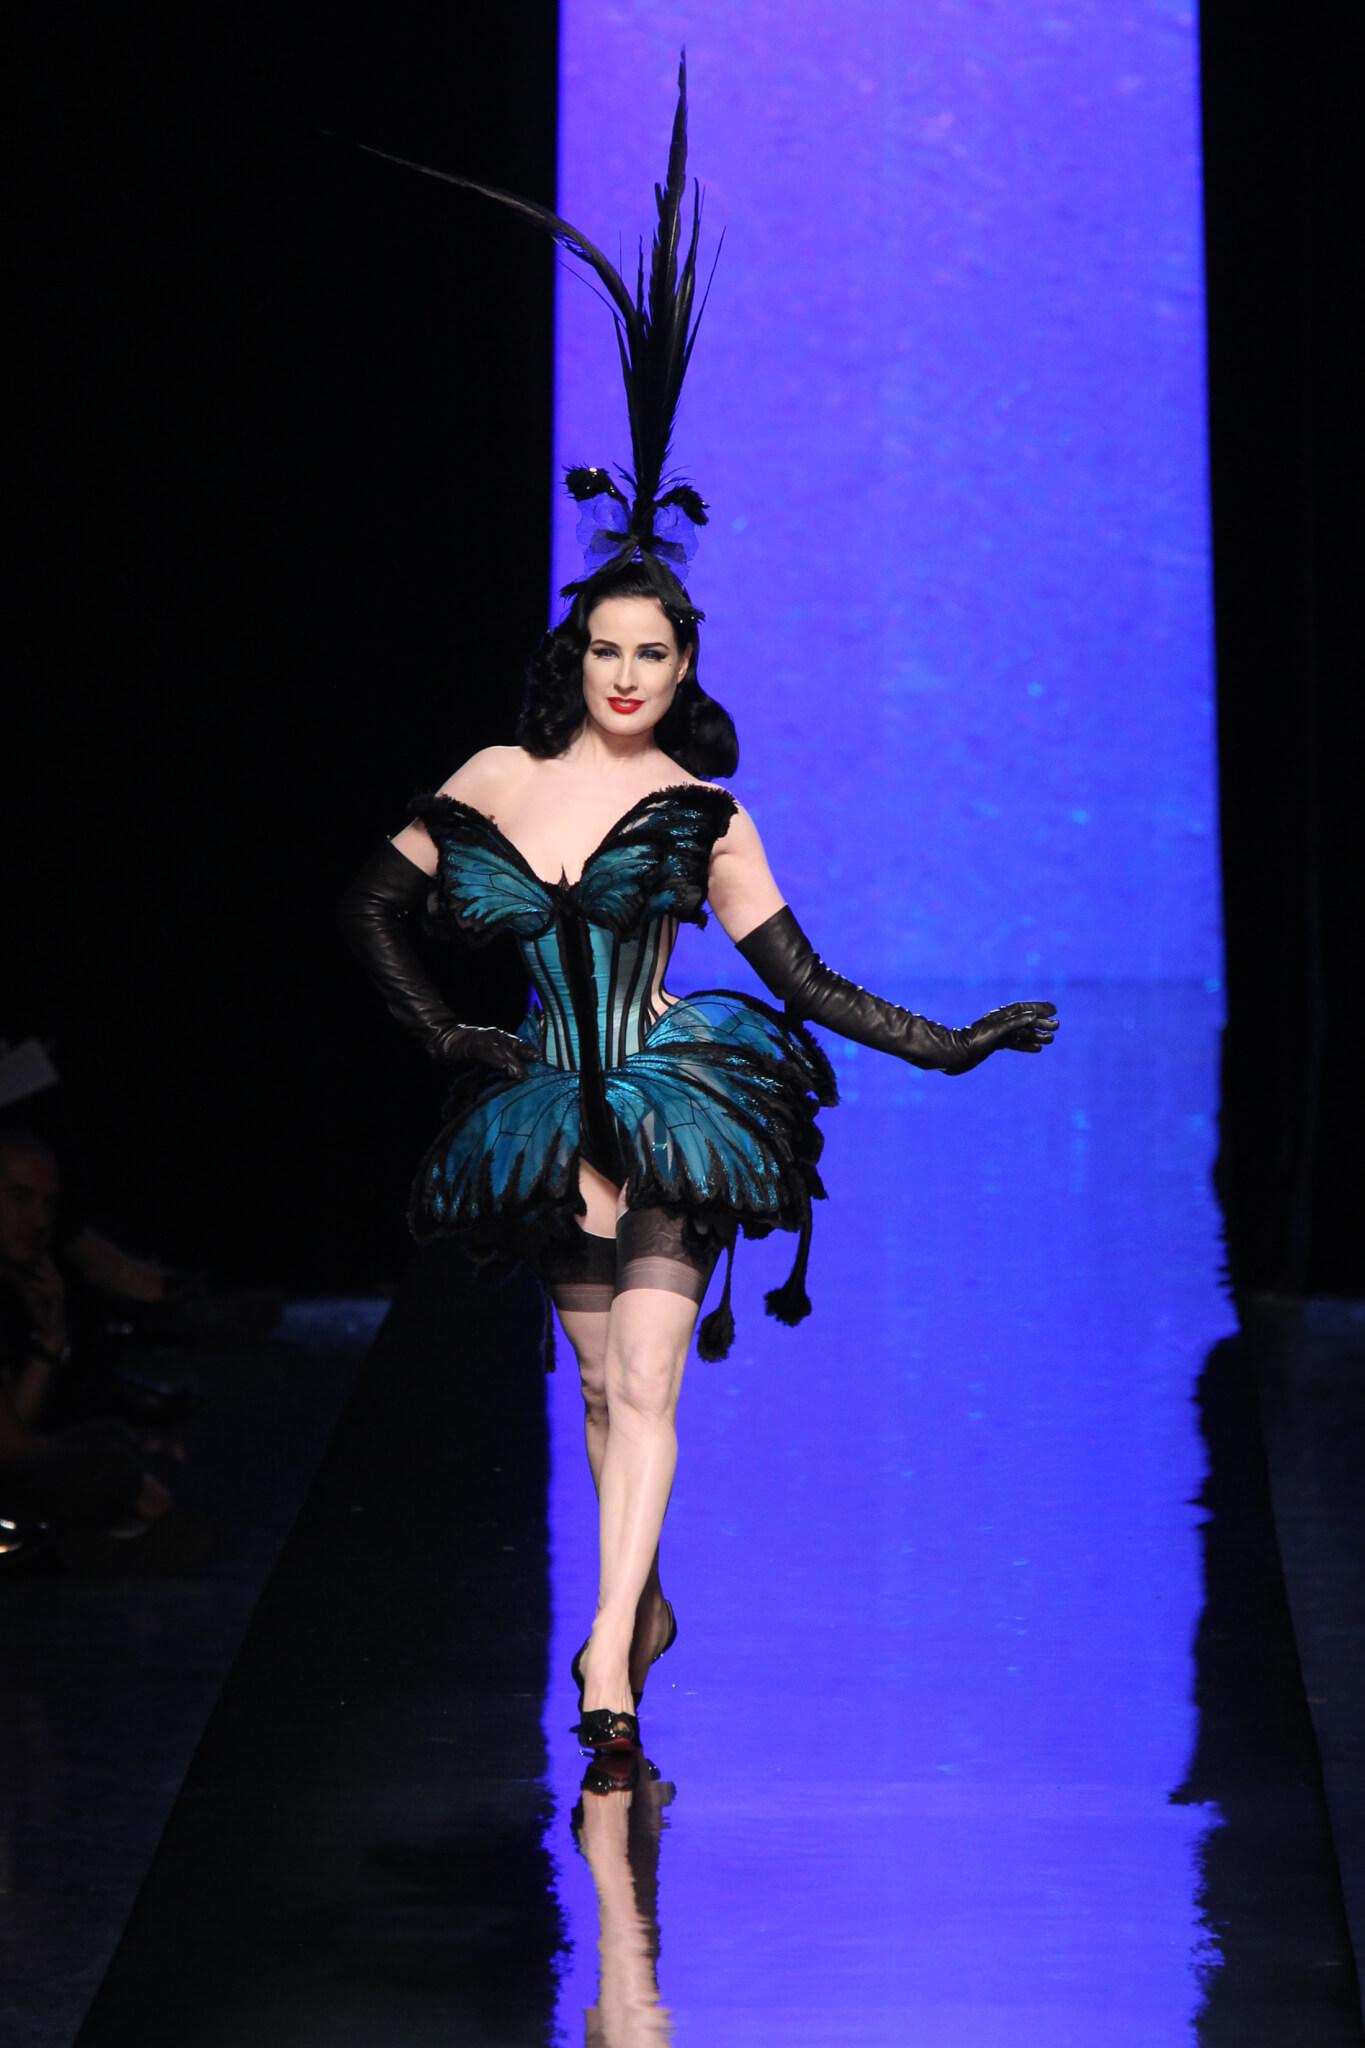 舞孃Dita Von Teese是Jean Paul Gaultier天橋的常客